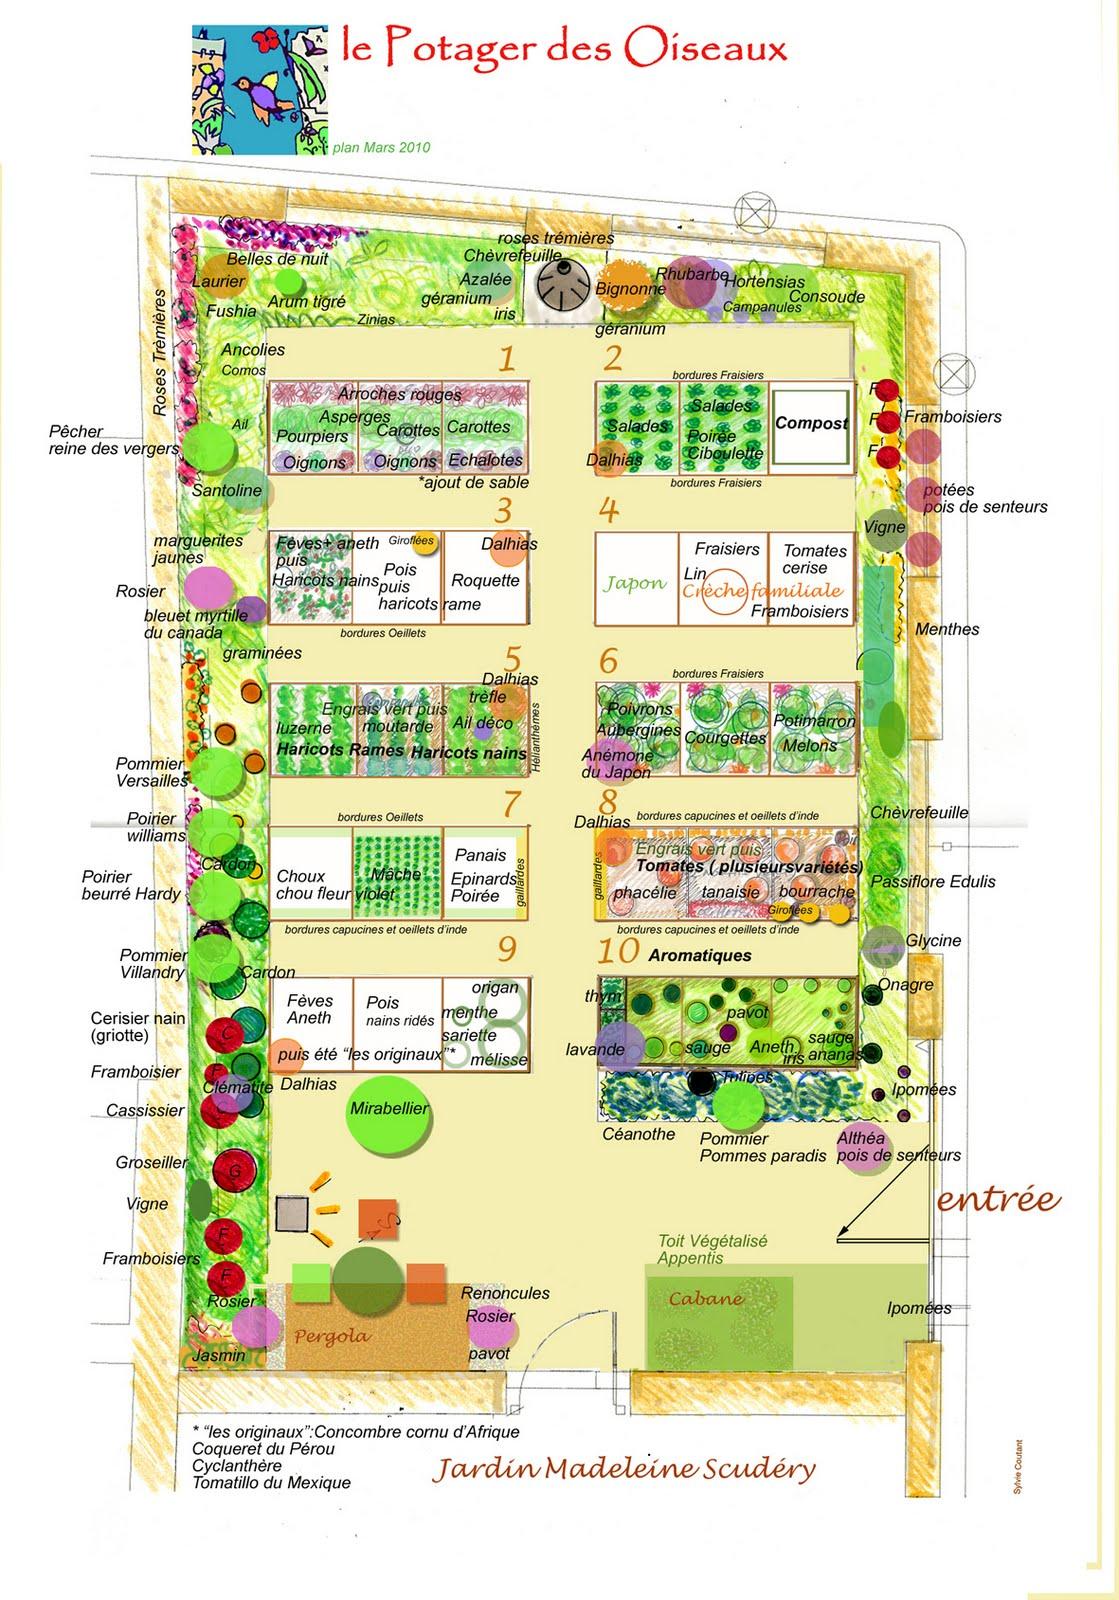 le jardin potager c 39 est comme a en 2010 jardin potager des oiseaux. Black Bedroom Furniture Sets. Home Design Ideas